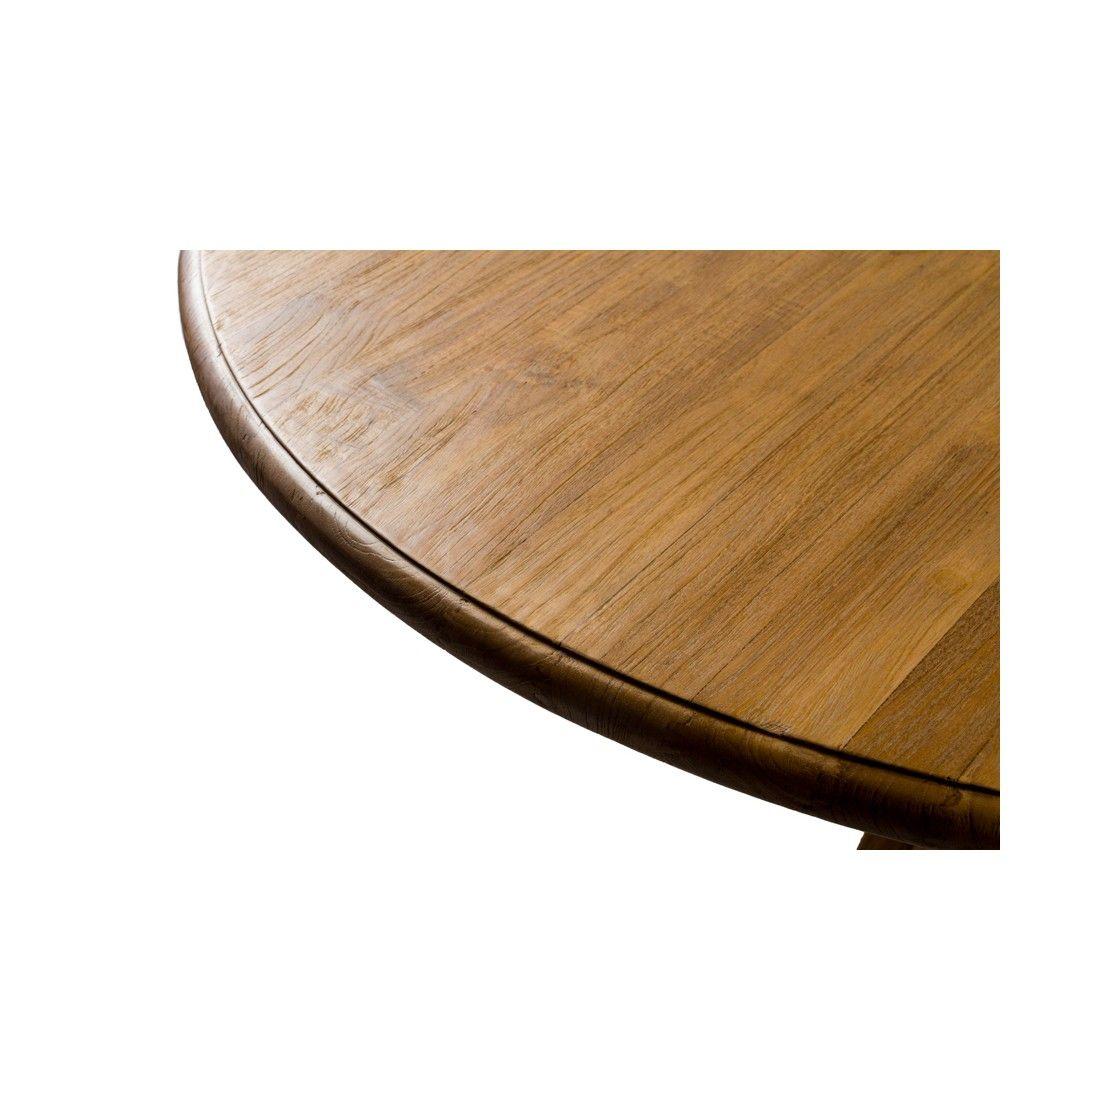 Table ronde en teck ancien d 120 ou 80 cm